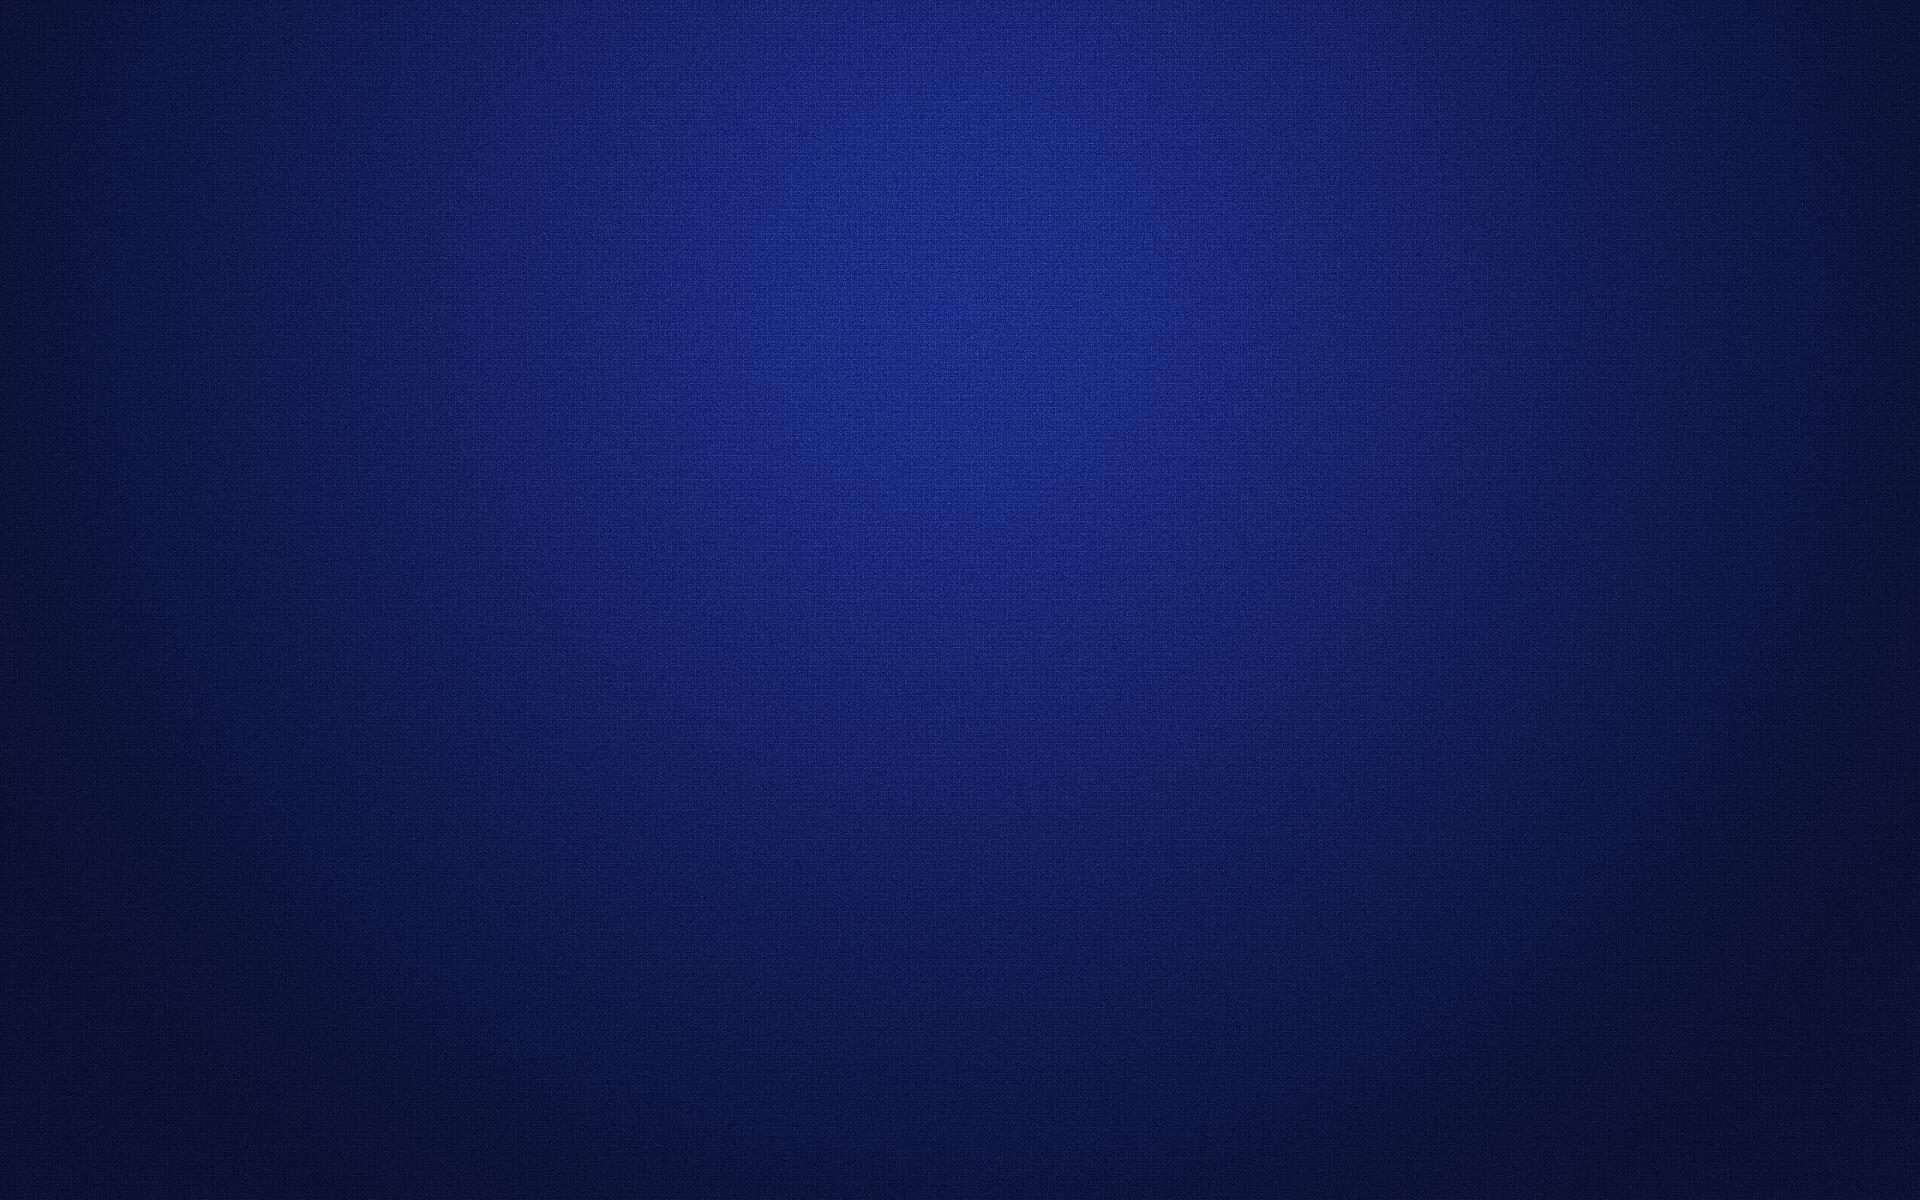 Blue Wallpaper Hd Wallpapersafari